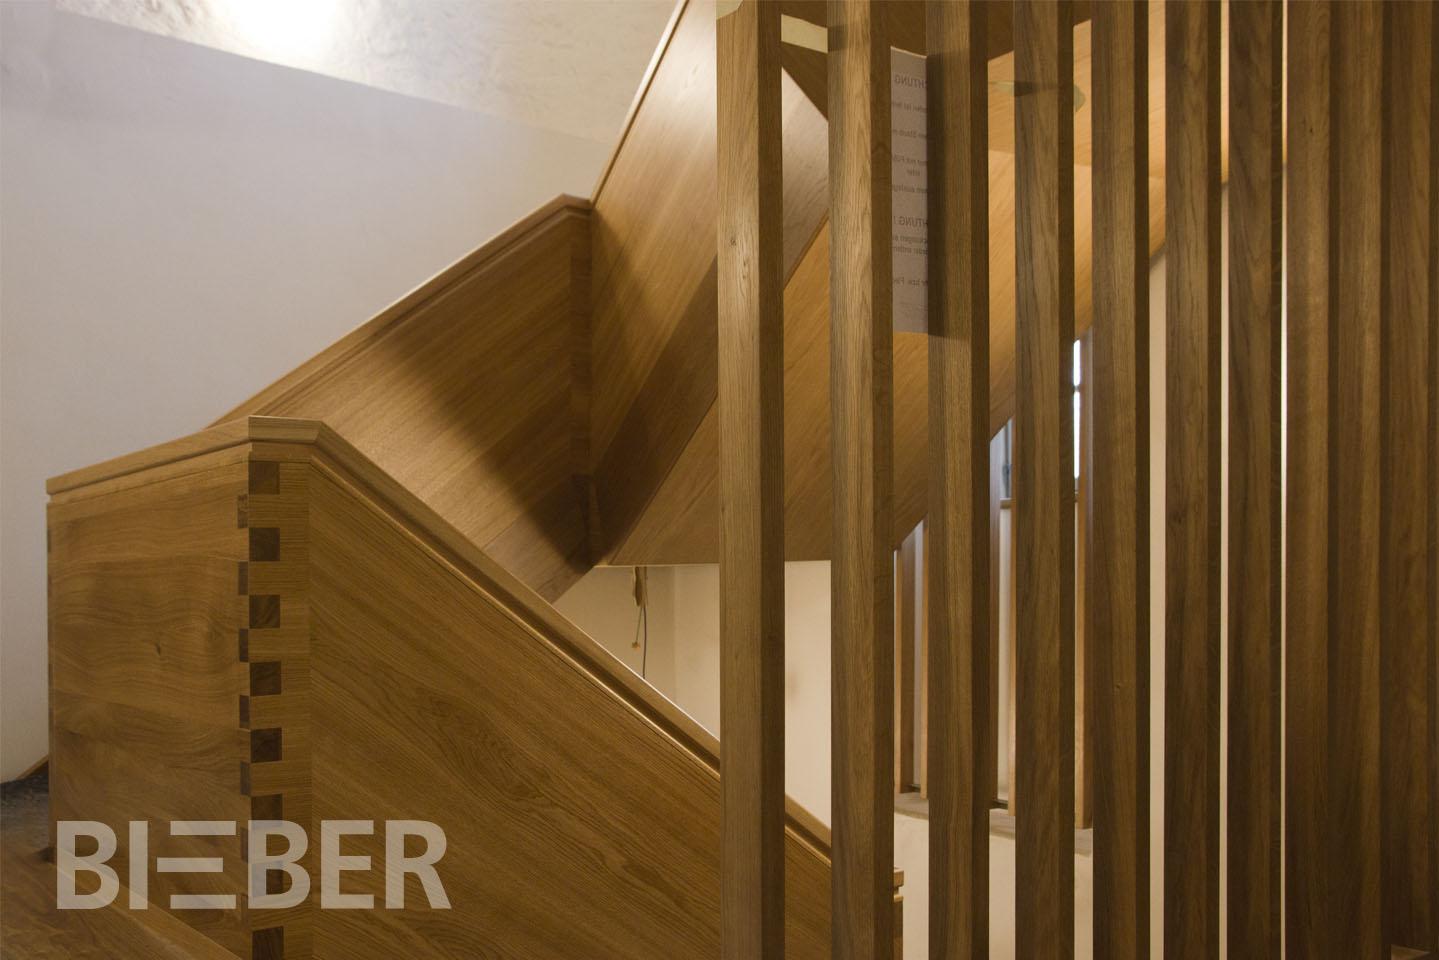 Absturzsicherung Treppe treppengeländer tischlerei treppenbau gunter bieber individuelle